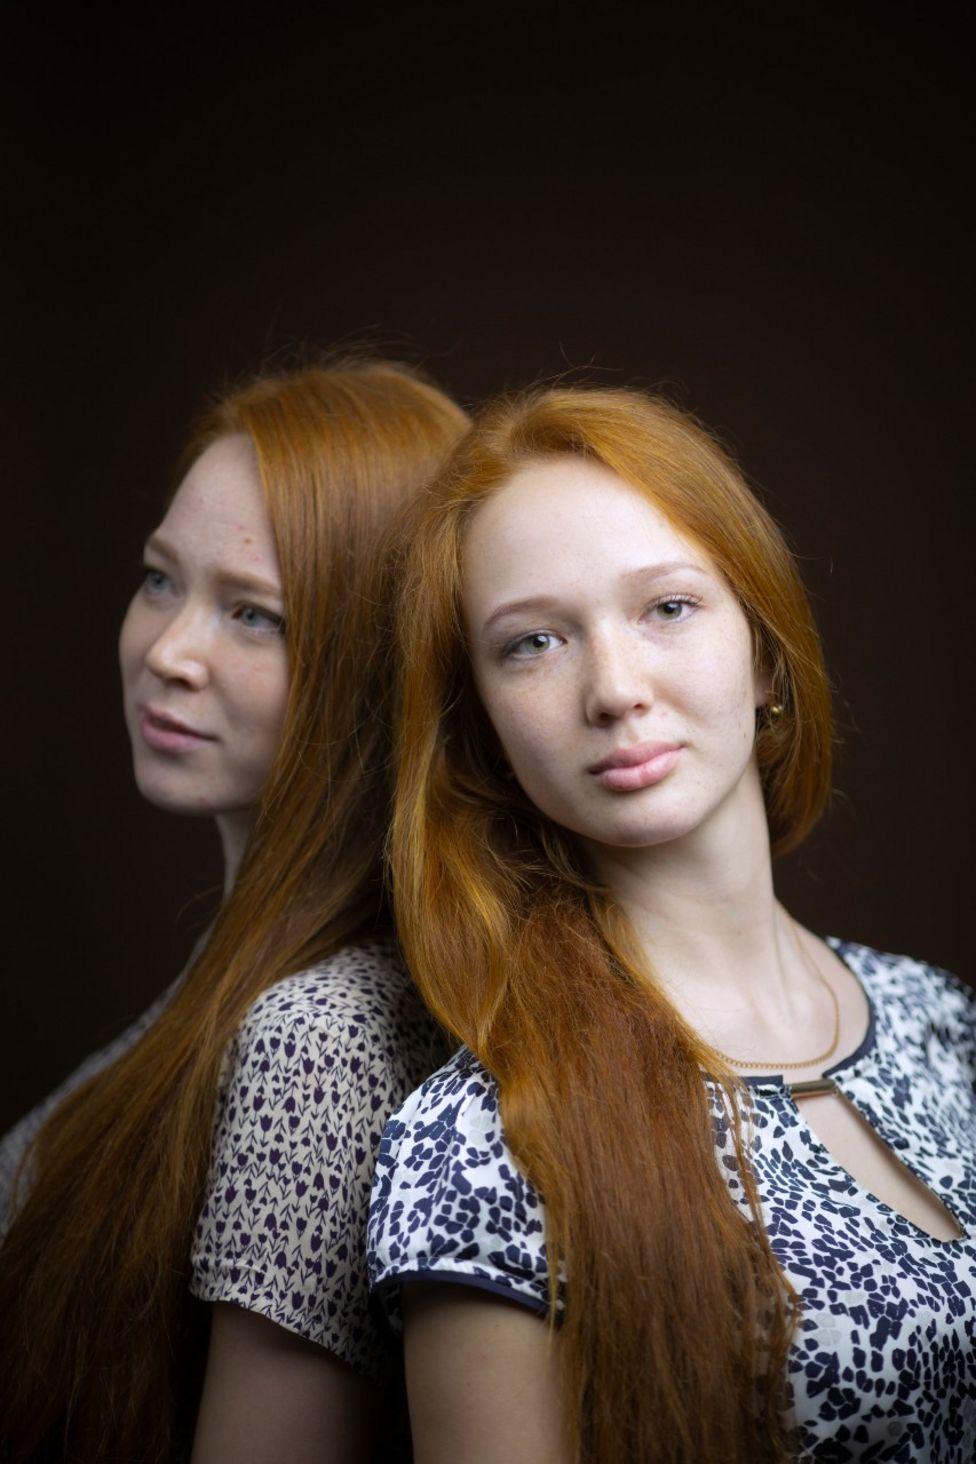 Tatiana e Valeria Korotaeva - Rússia - nascidas em 1998 e 1999